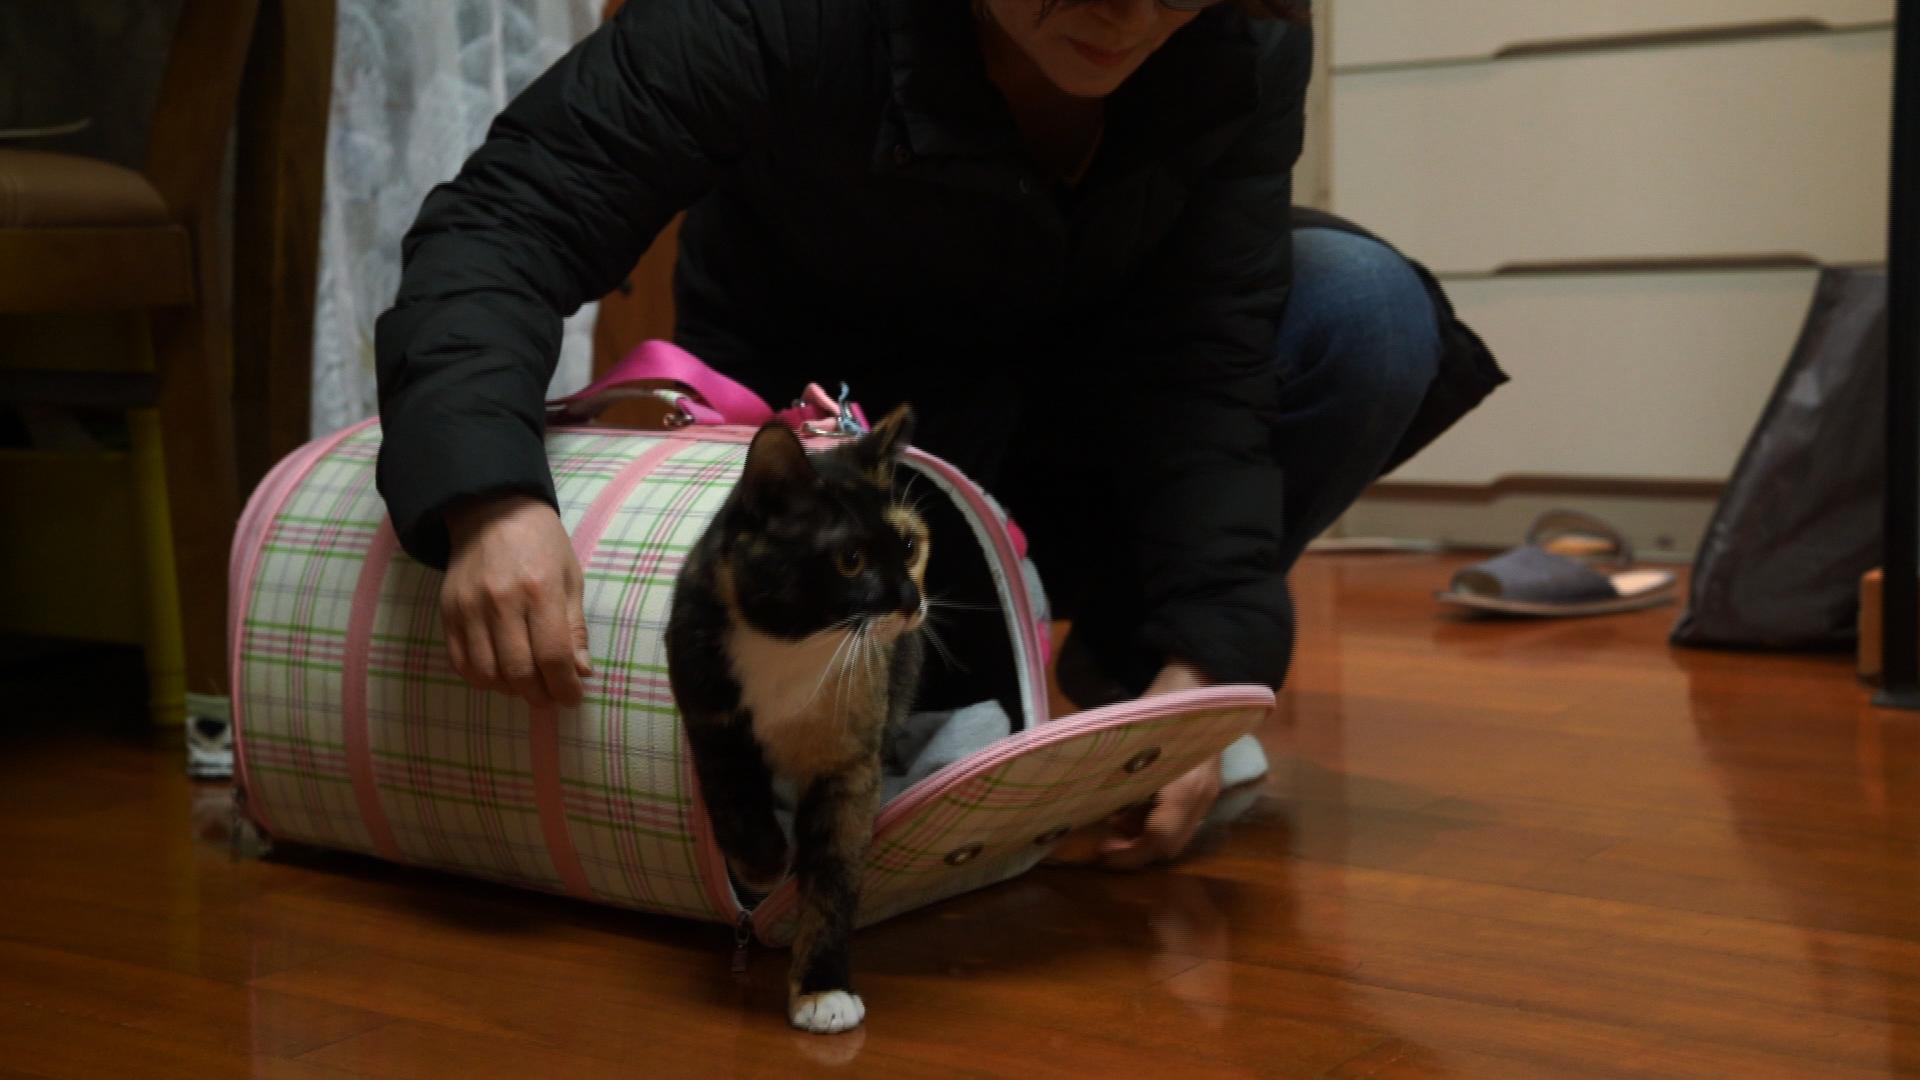 고양이를 부탁해 - 겁 없는 고양이와 겁 많은 개 합사 일기